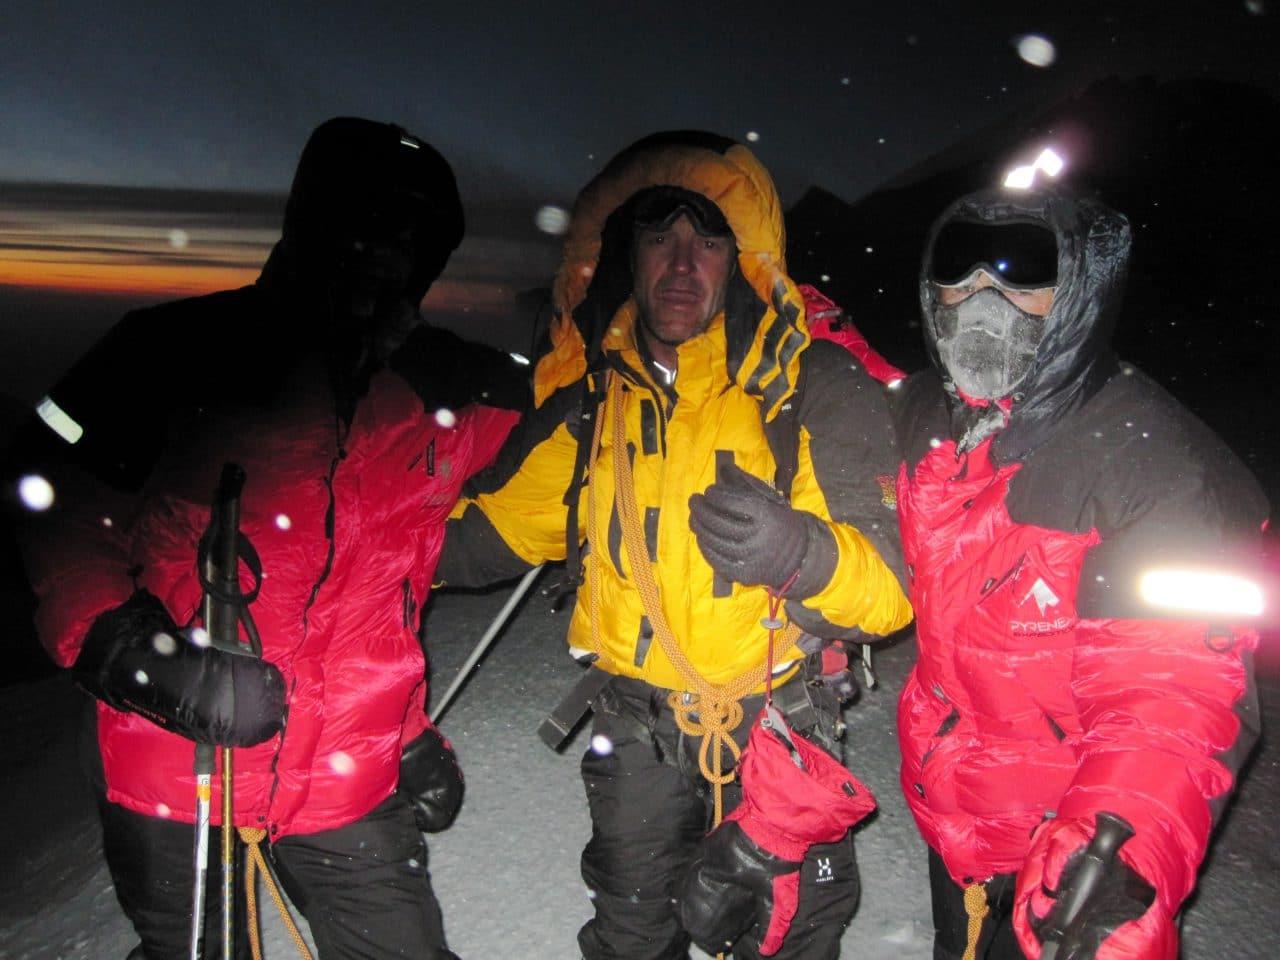 Helyum_Xavier-Carrard_Guide-de-montagne_Expedition_Alaska_Denali_Sommet_Bernard-Girod_Didier-Genecand